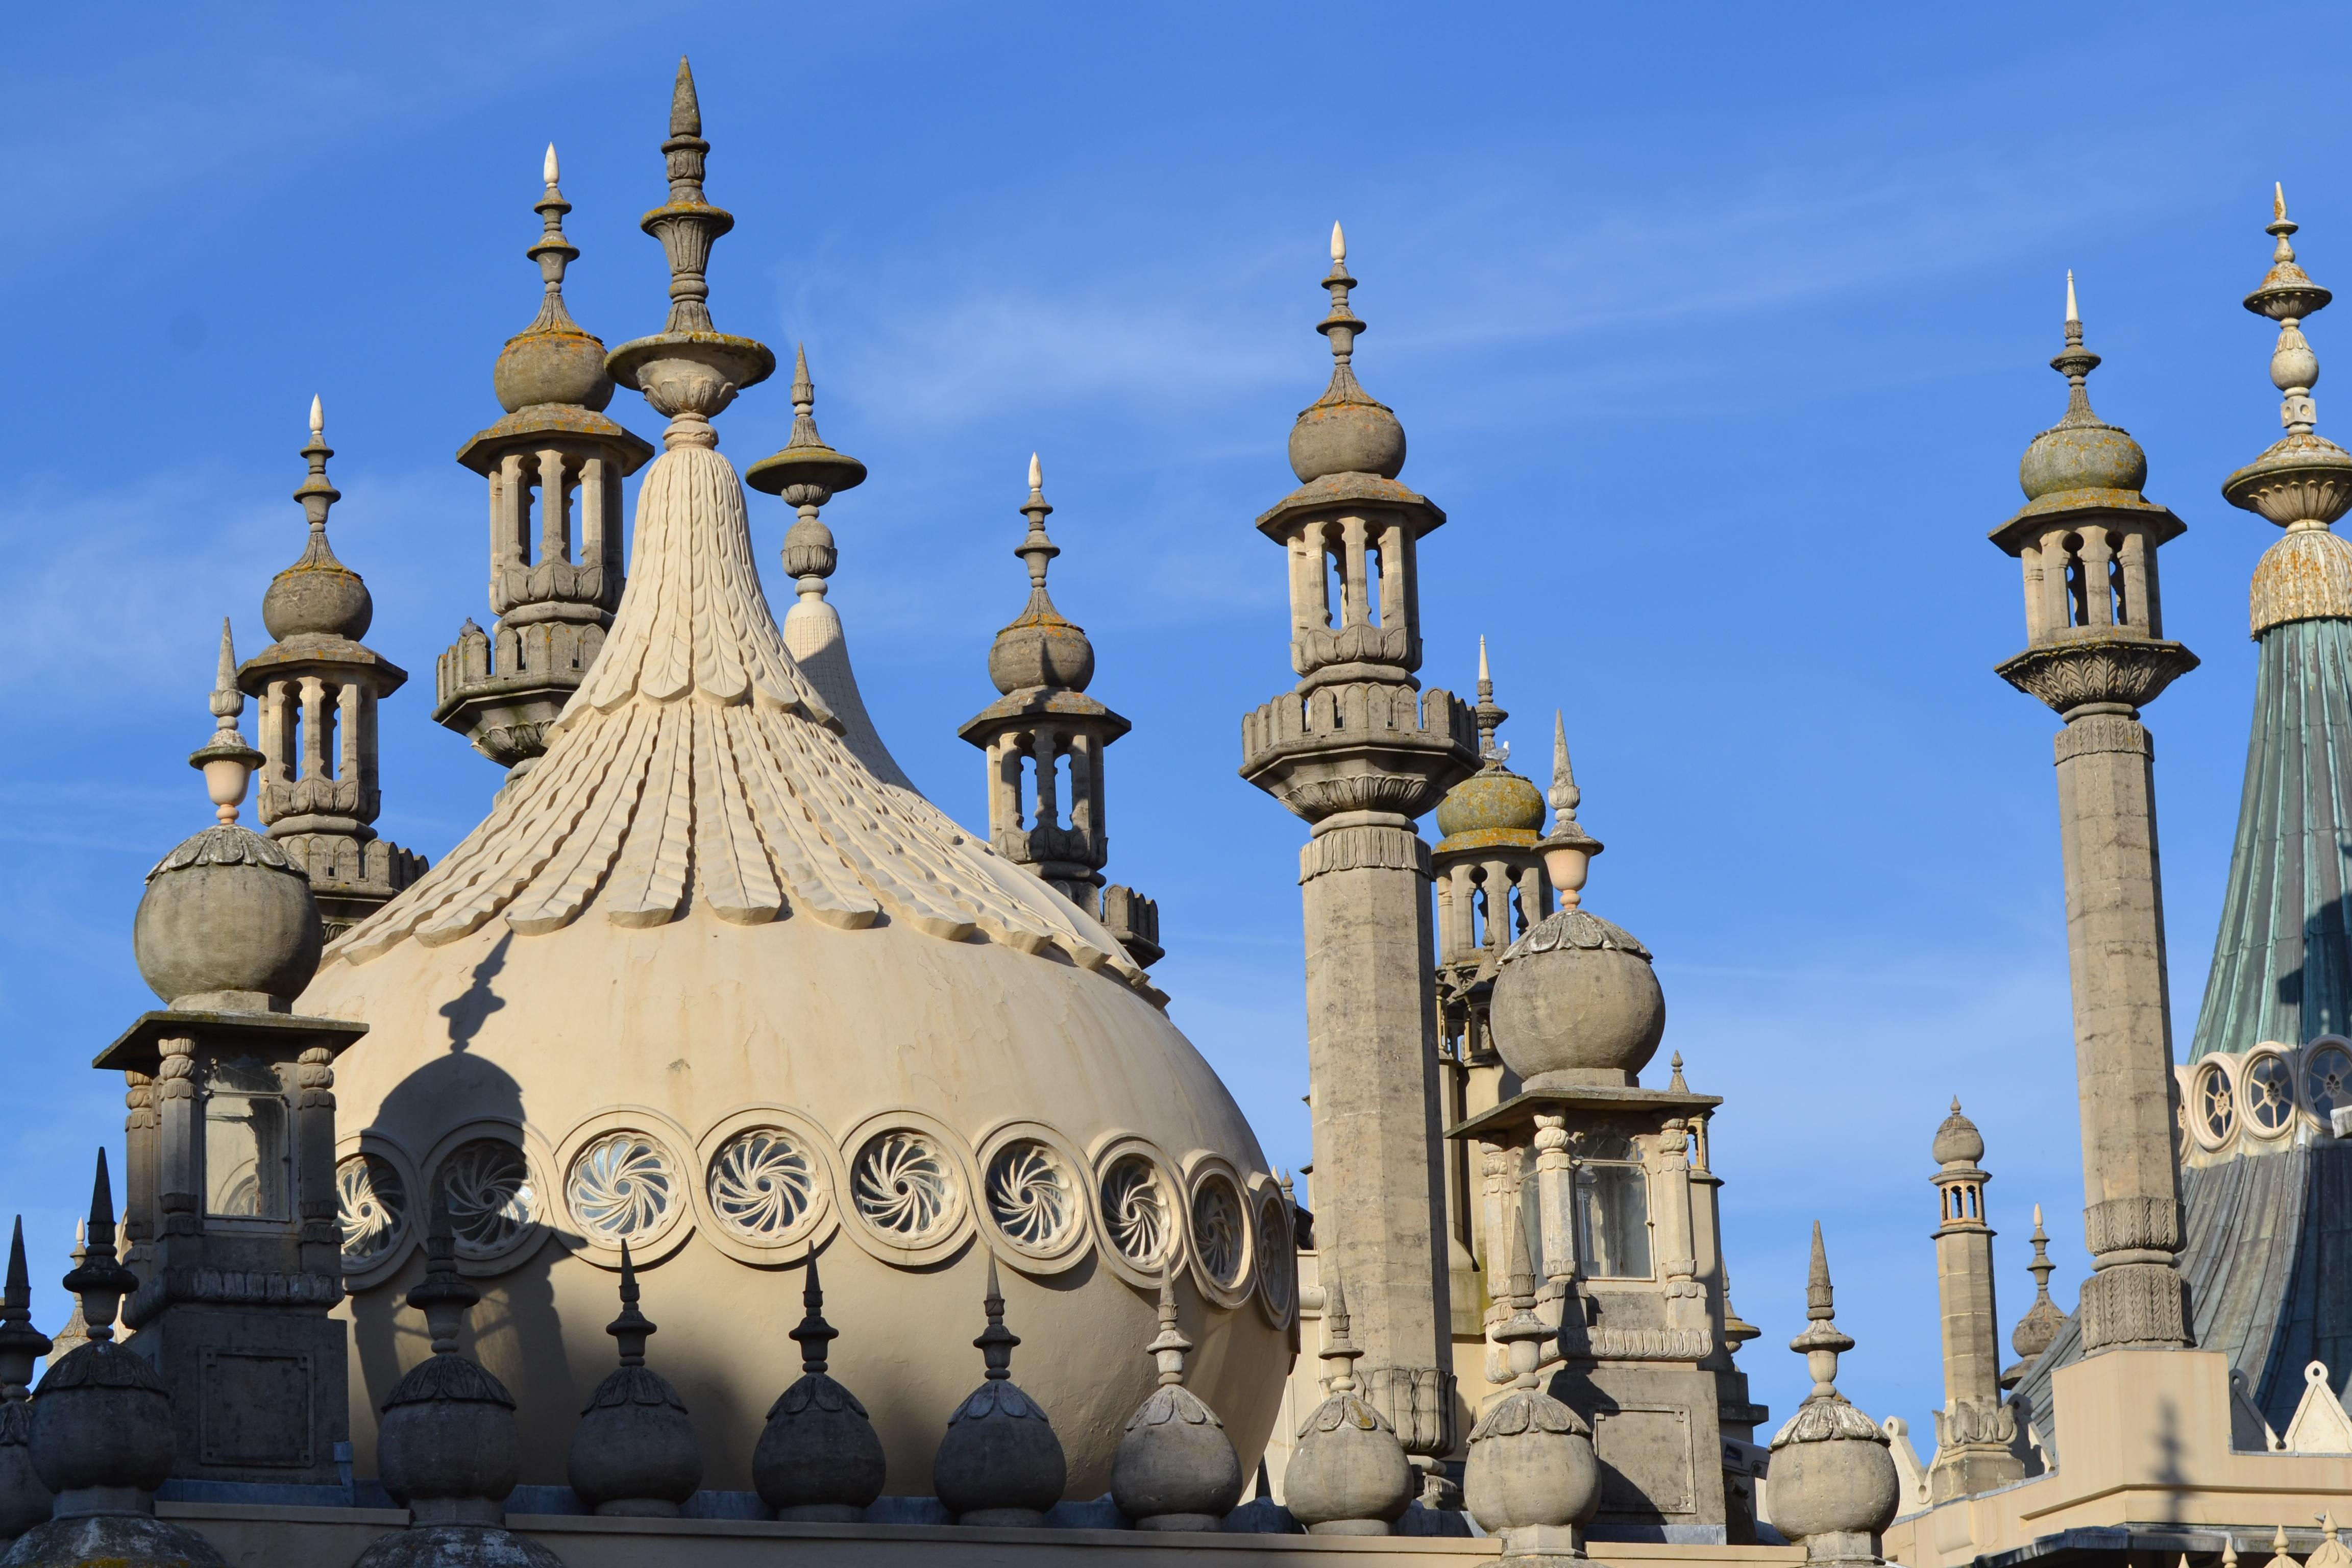 Brighton Pavilion2